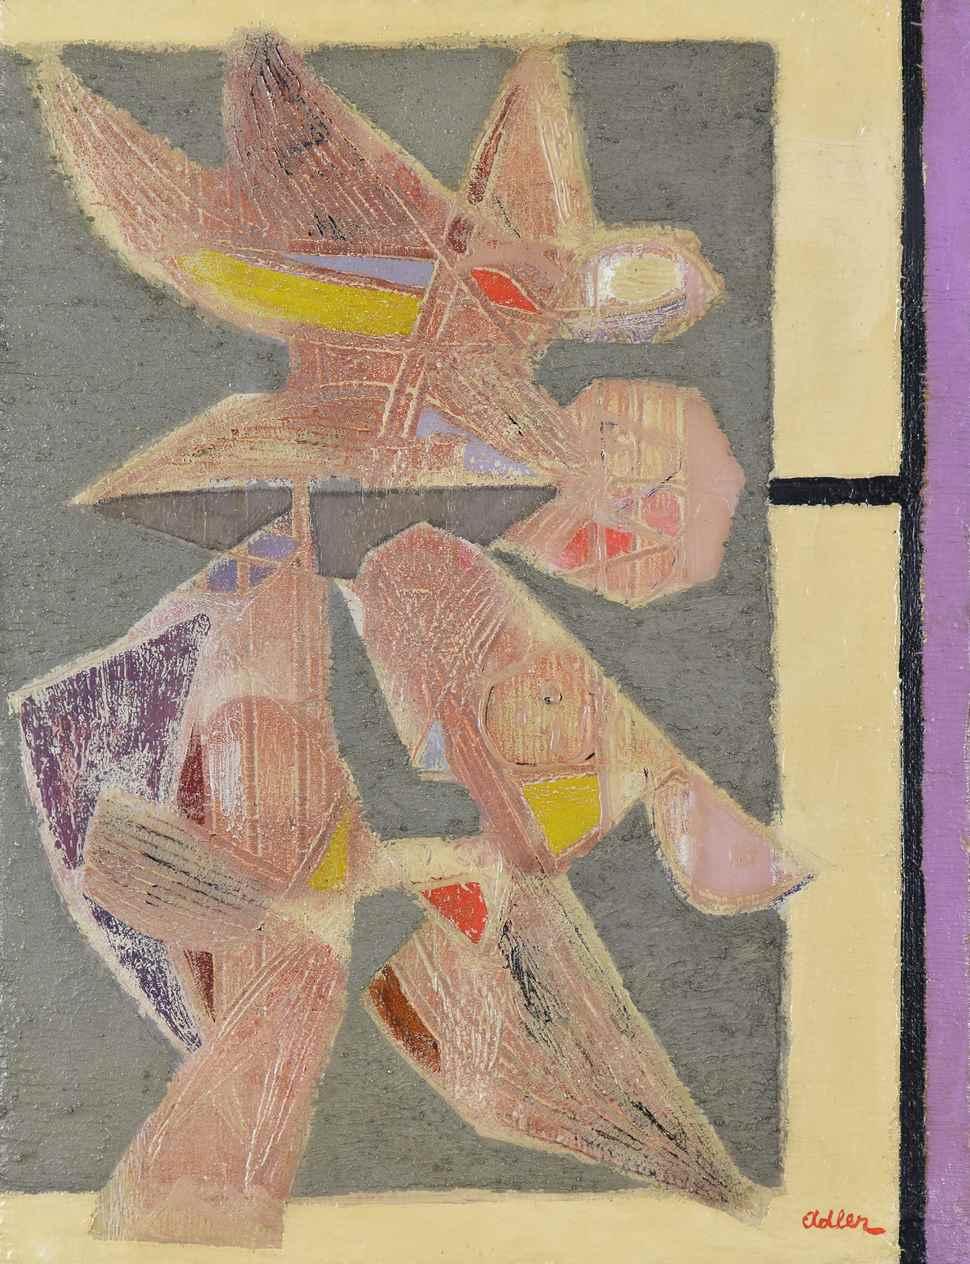 Birds - Jankel Adler (1895 - 1949)